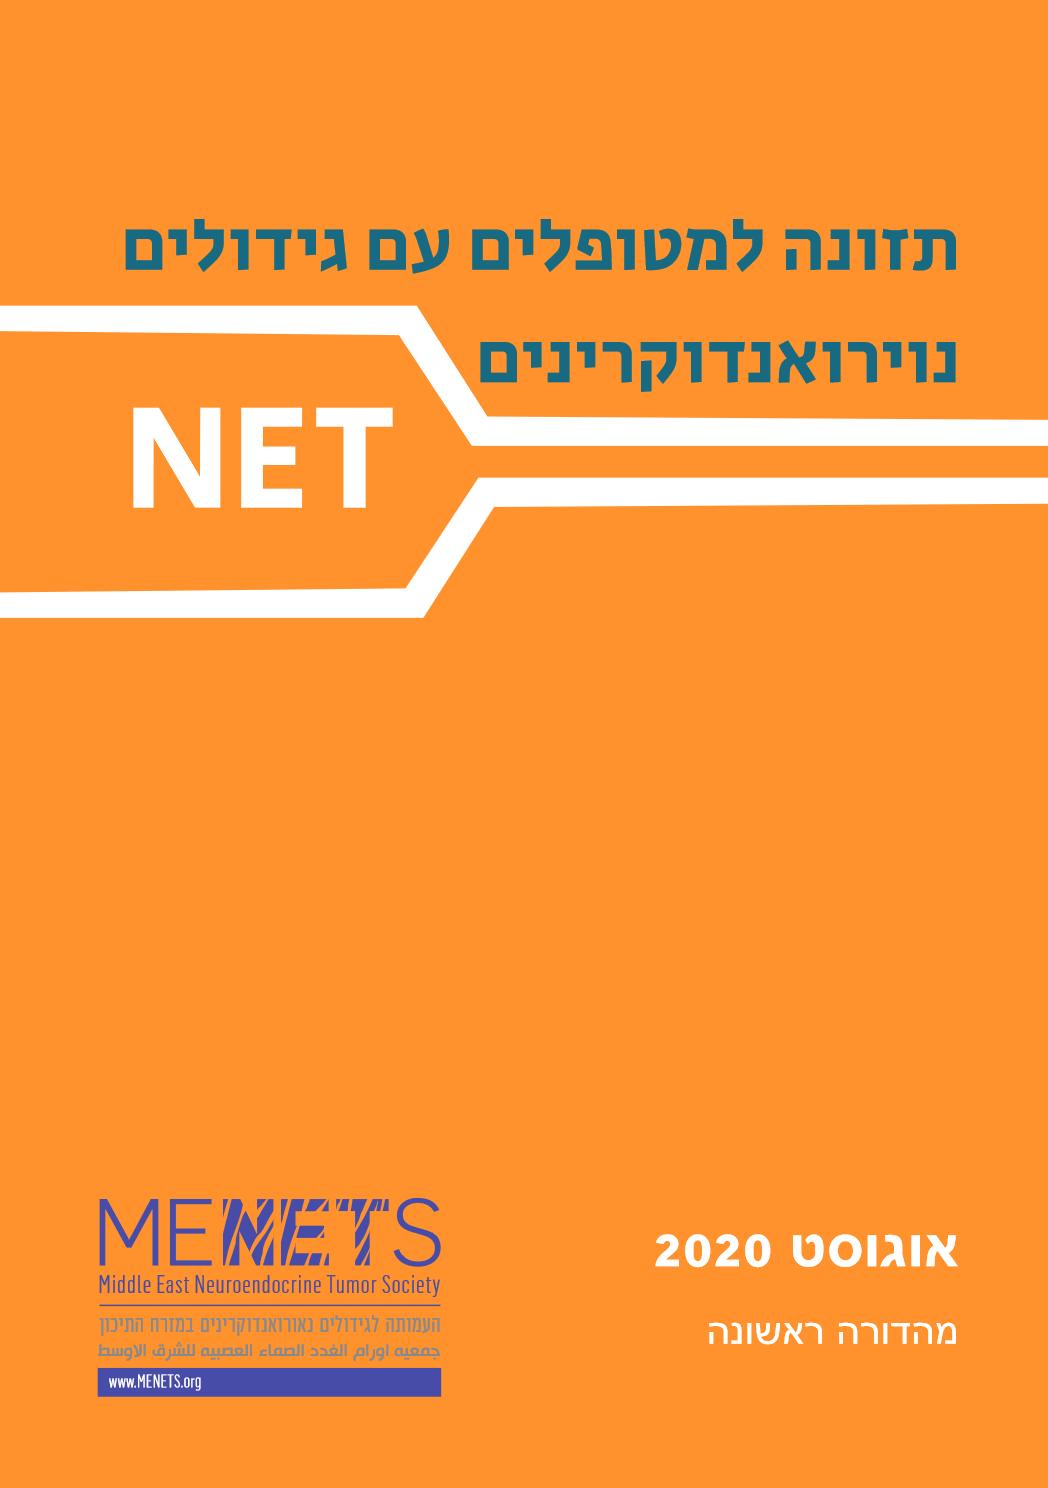 MENETS Released Its NET Nutrition Ebook in Arabic חדש: ספר תזונה למטופלים עם גידולים נוירואנדוקרים